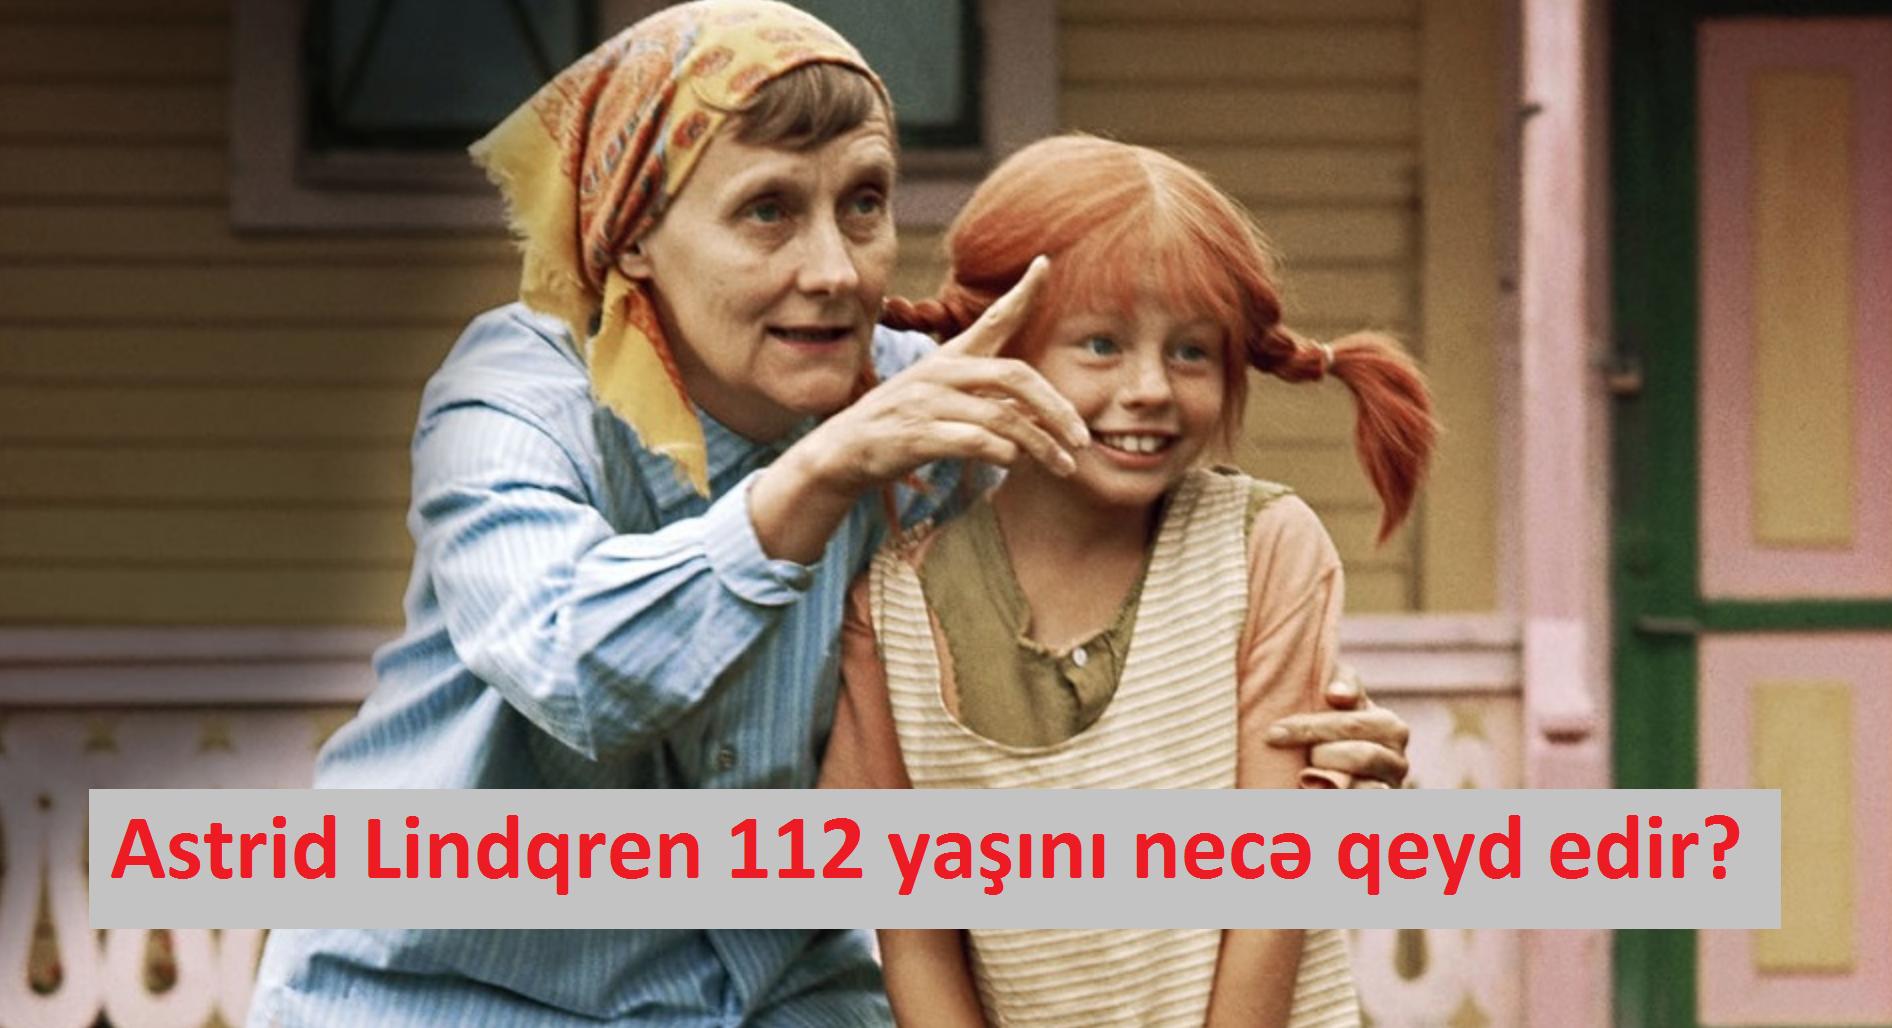 Astrid Lindqren 112 yaşını necə qeyd edir?